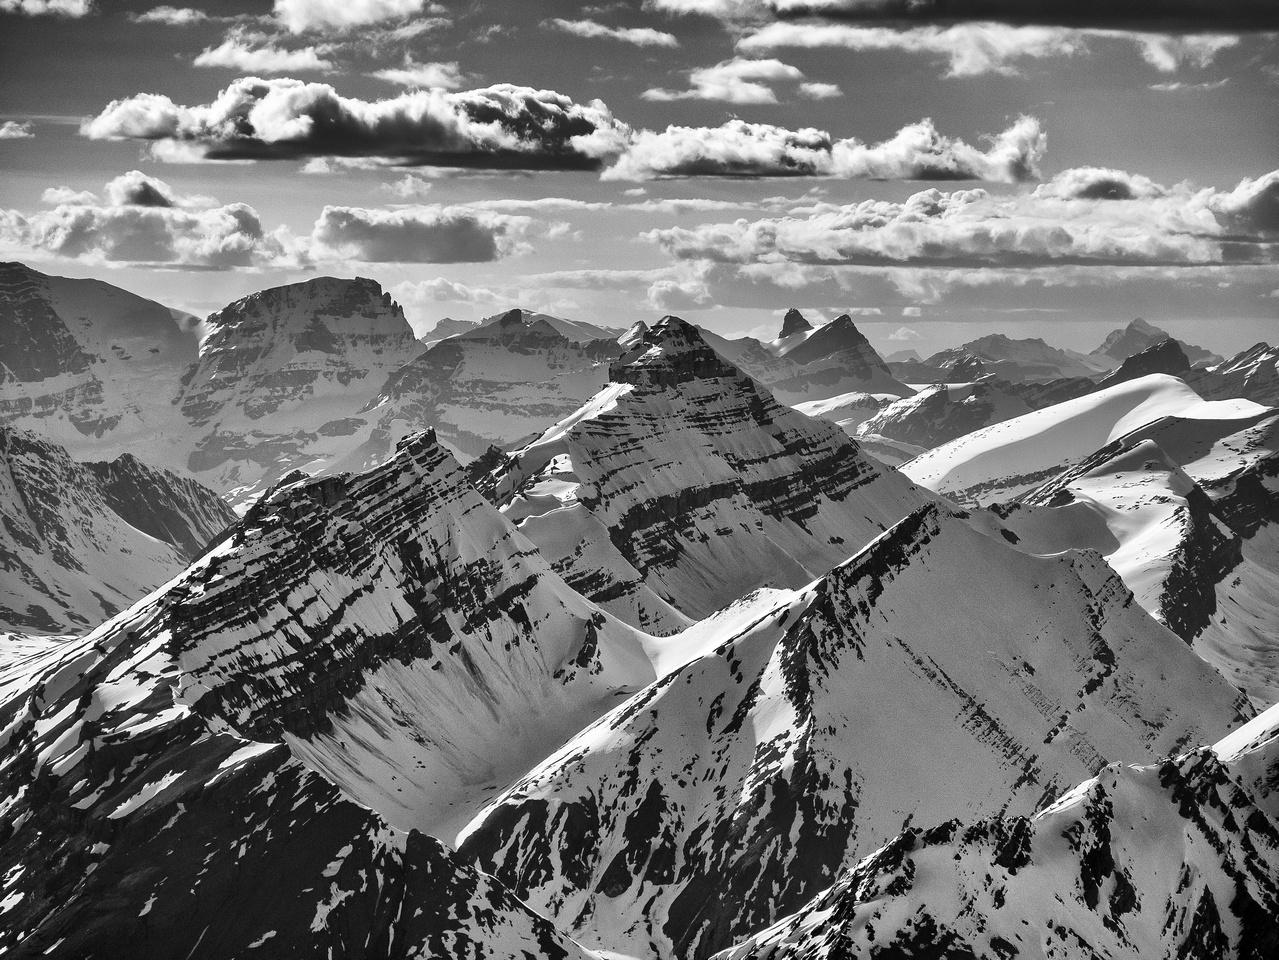 Looking past Nigel Peak at Mount Smythe's distinct double summit. Diadem and Mushroom at left.